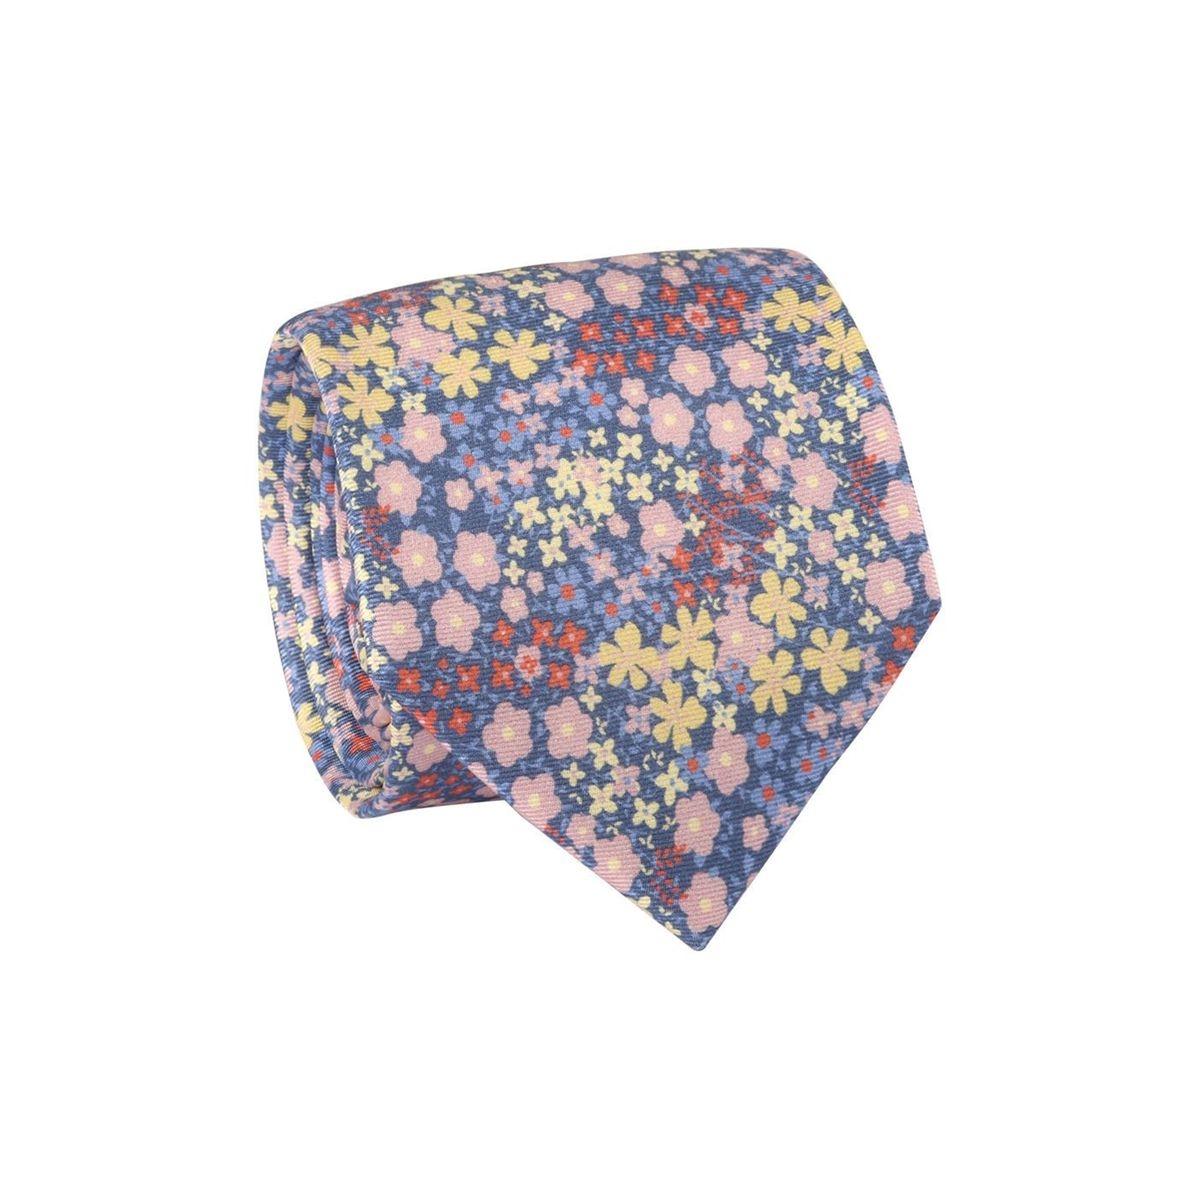 Cravate homme champ de fleurs Bleu marine / Rose clair